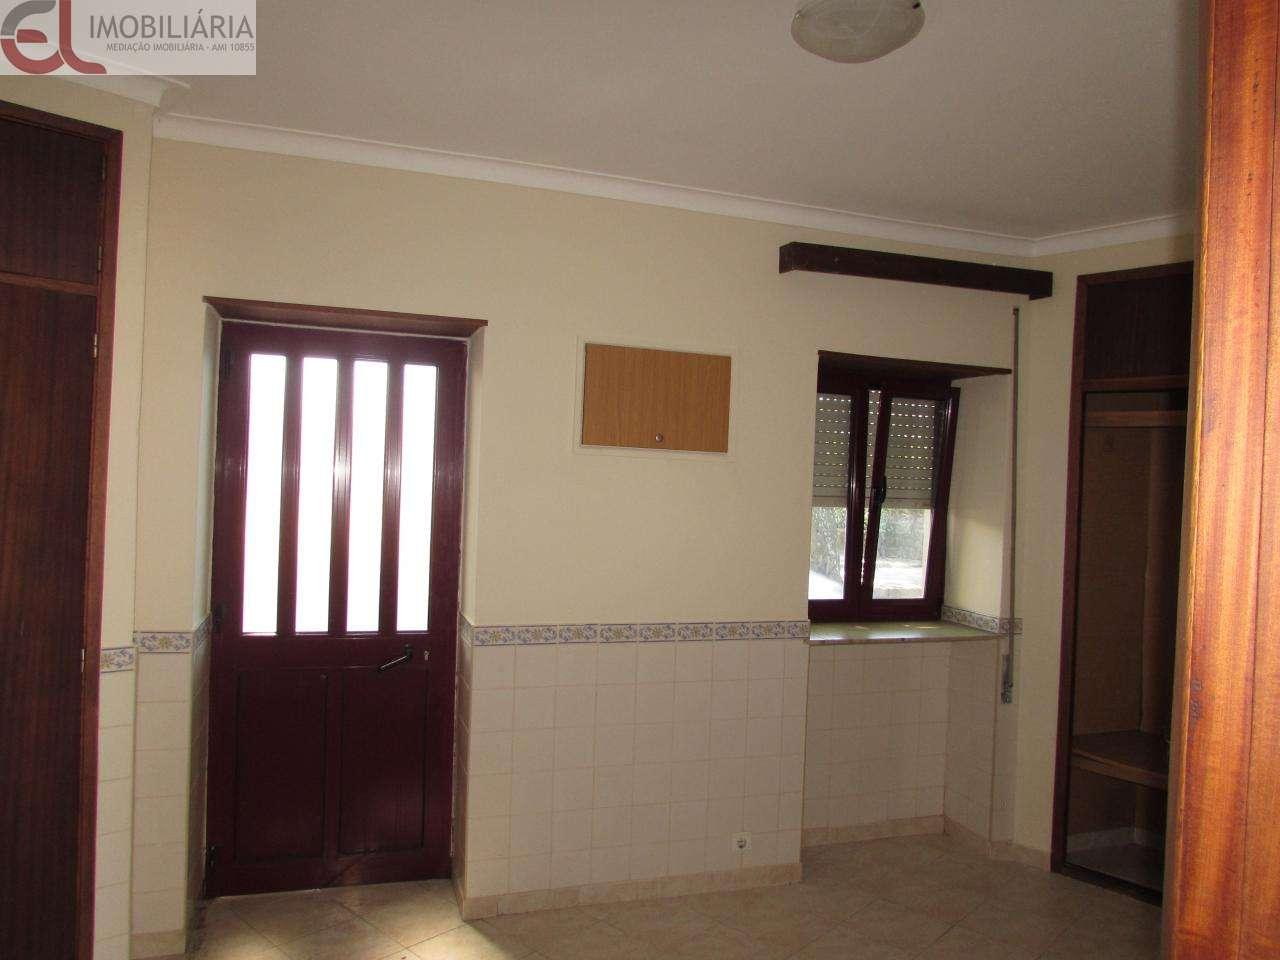 Apartamento para arrendar, Darque, Viana do Castelo - Foto 1